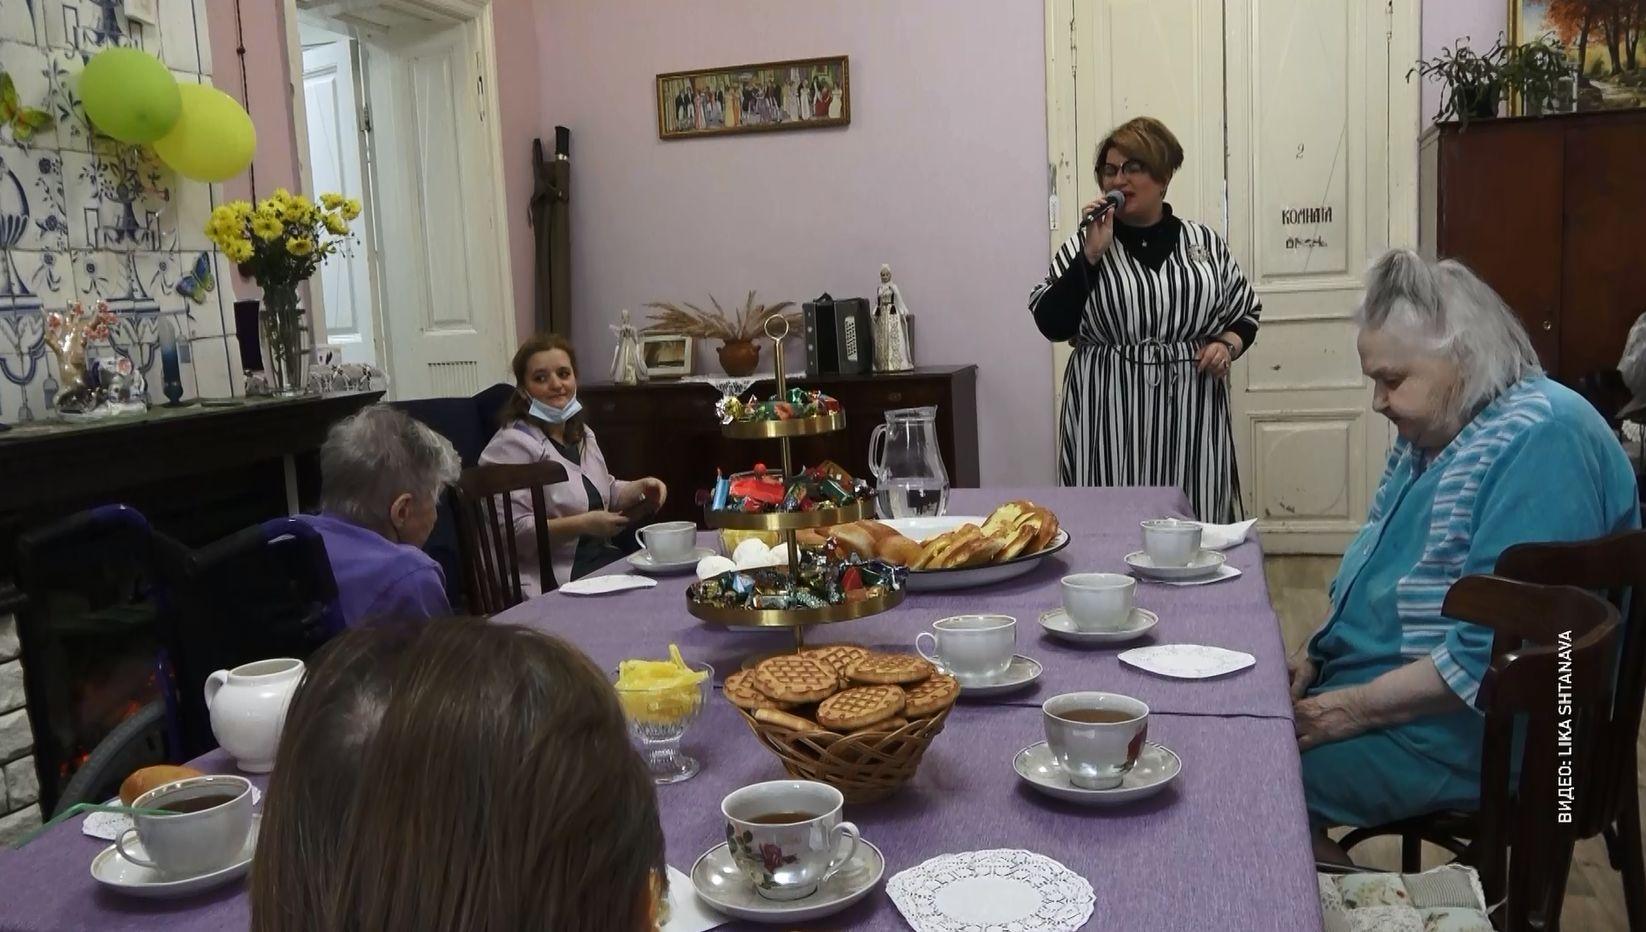 Подопечных Дома милосердия кузнеца Лобова в День пожилого человека поздравили сотрудники и друзья благотворительной организации «Дети Ярославии»